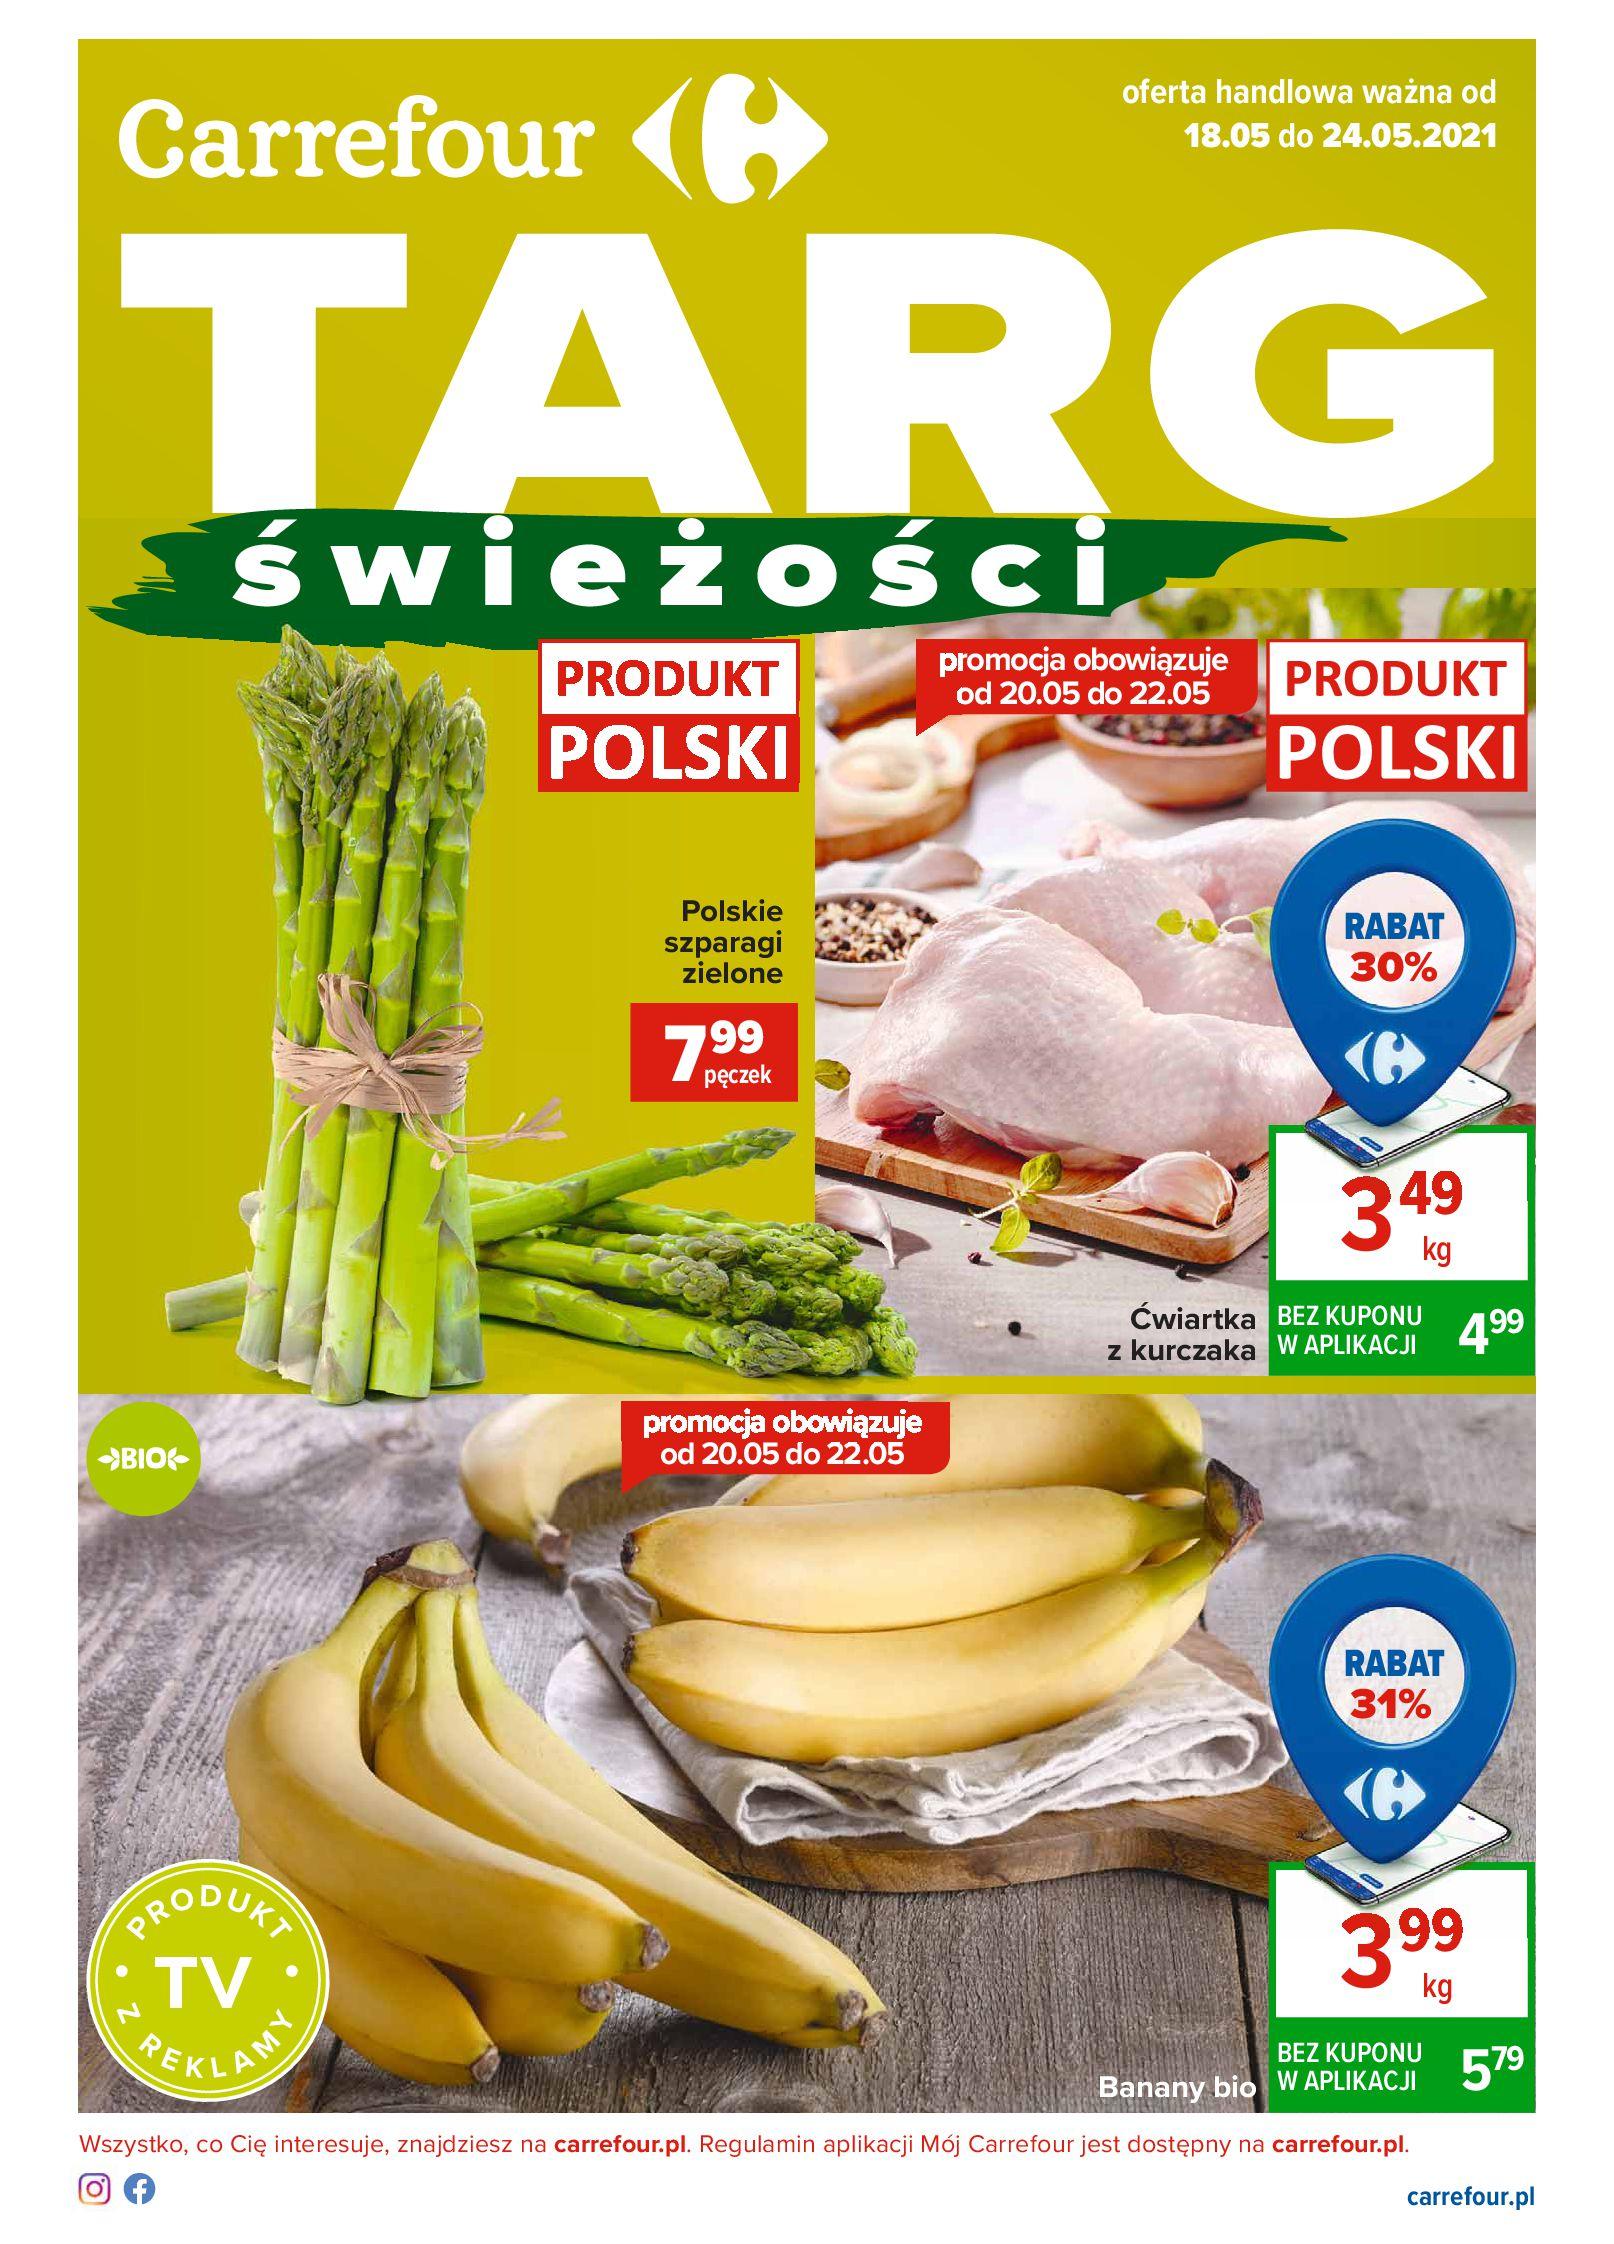 Carrefour:  Gazetka Carrefour Targ Świeżości 17.05.2021